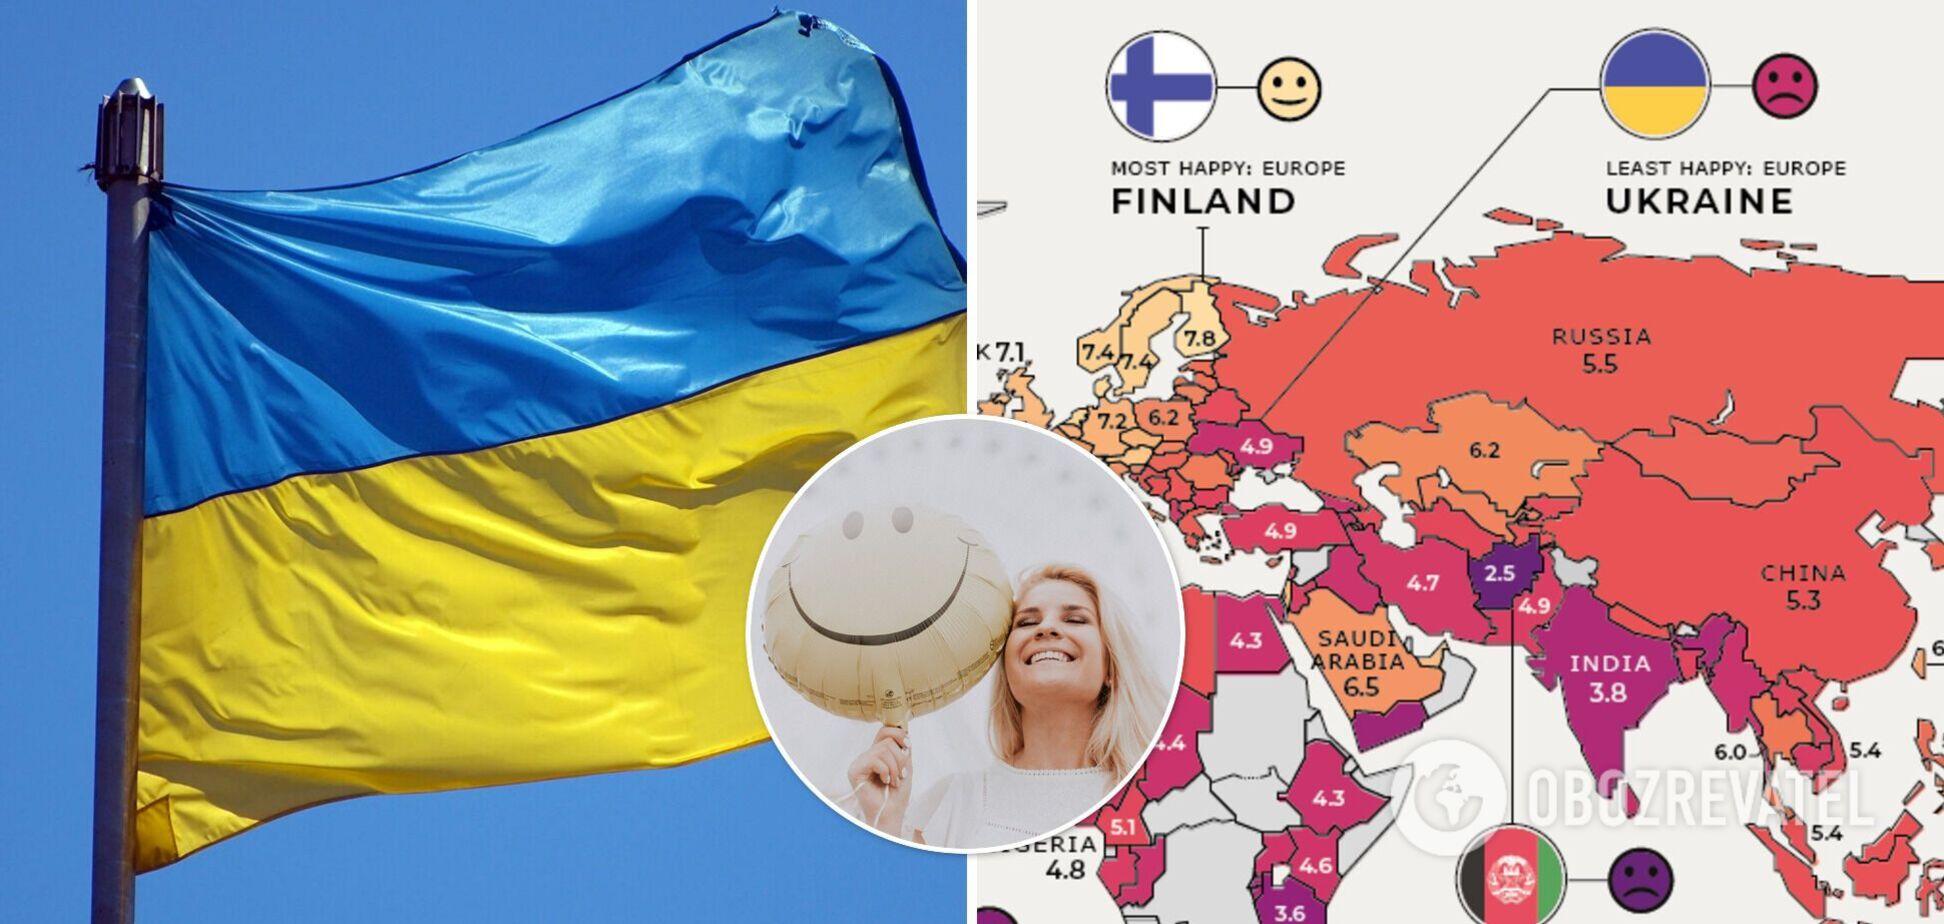 Украина заняла последнее место в рейтинге счастливых стран Европы